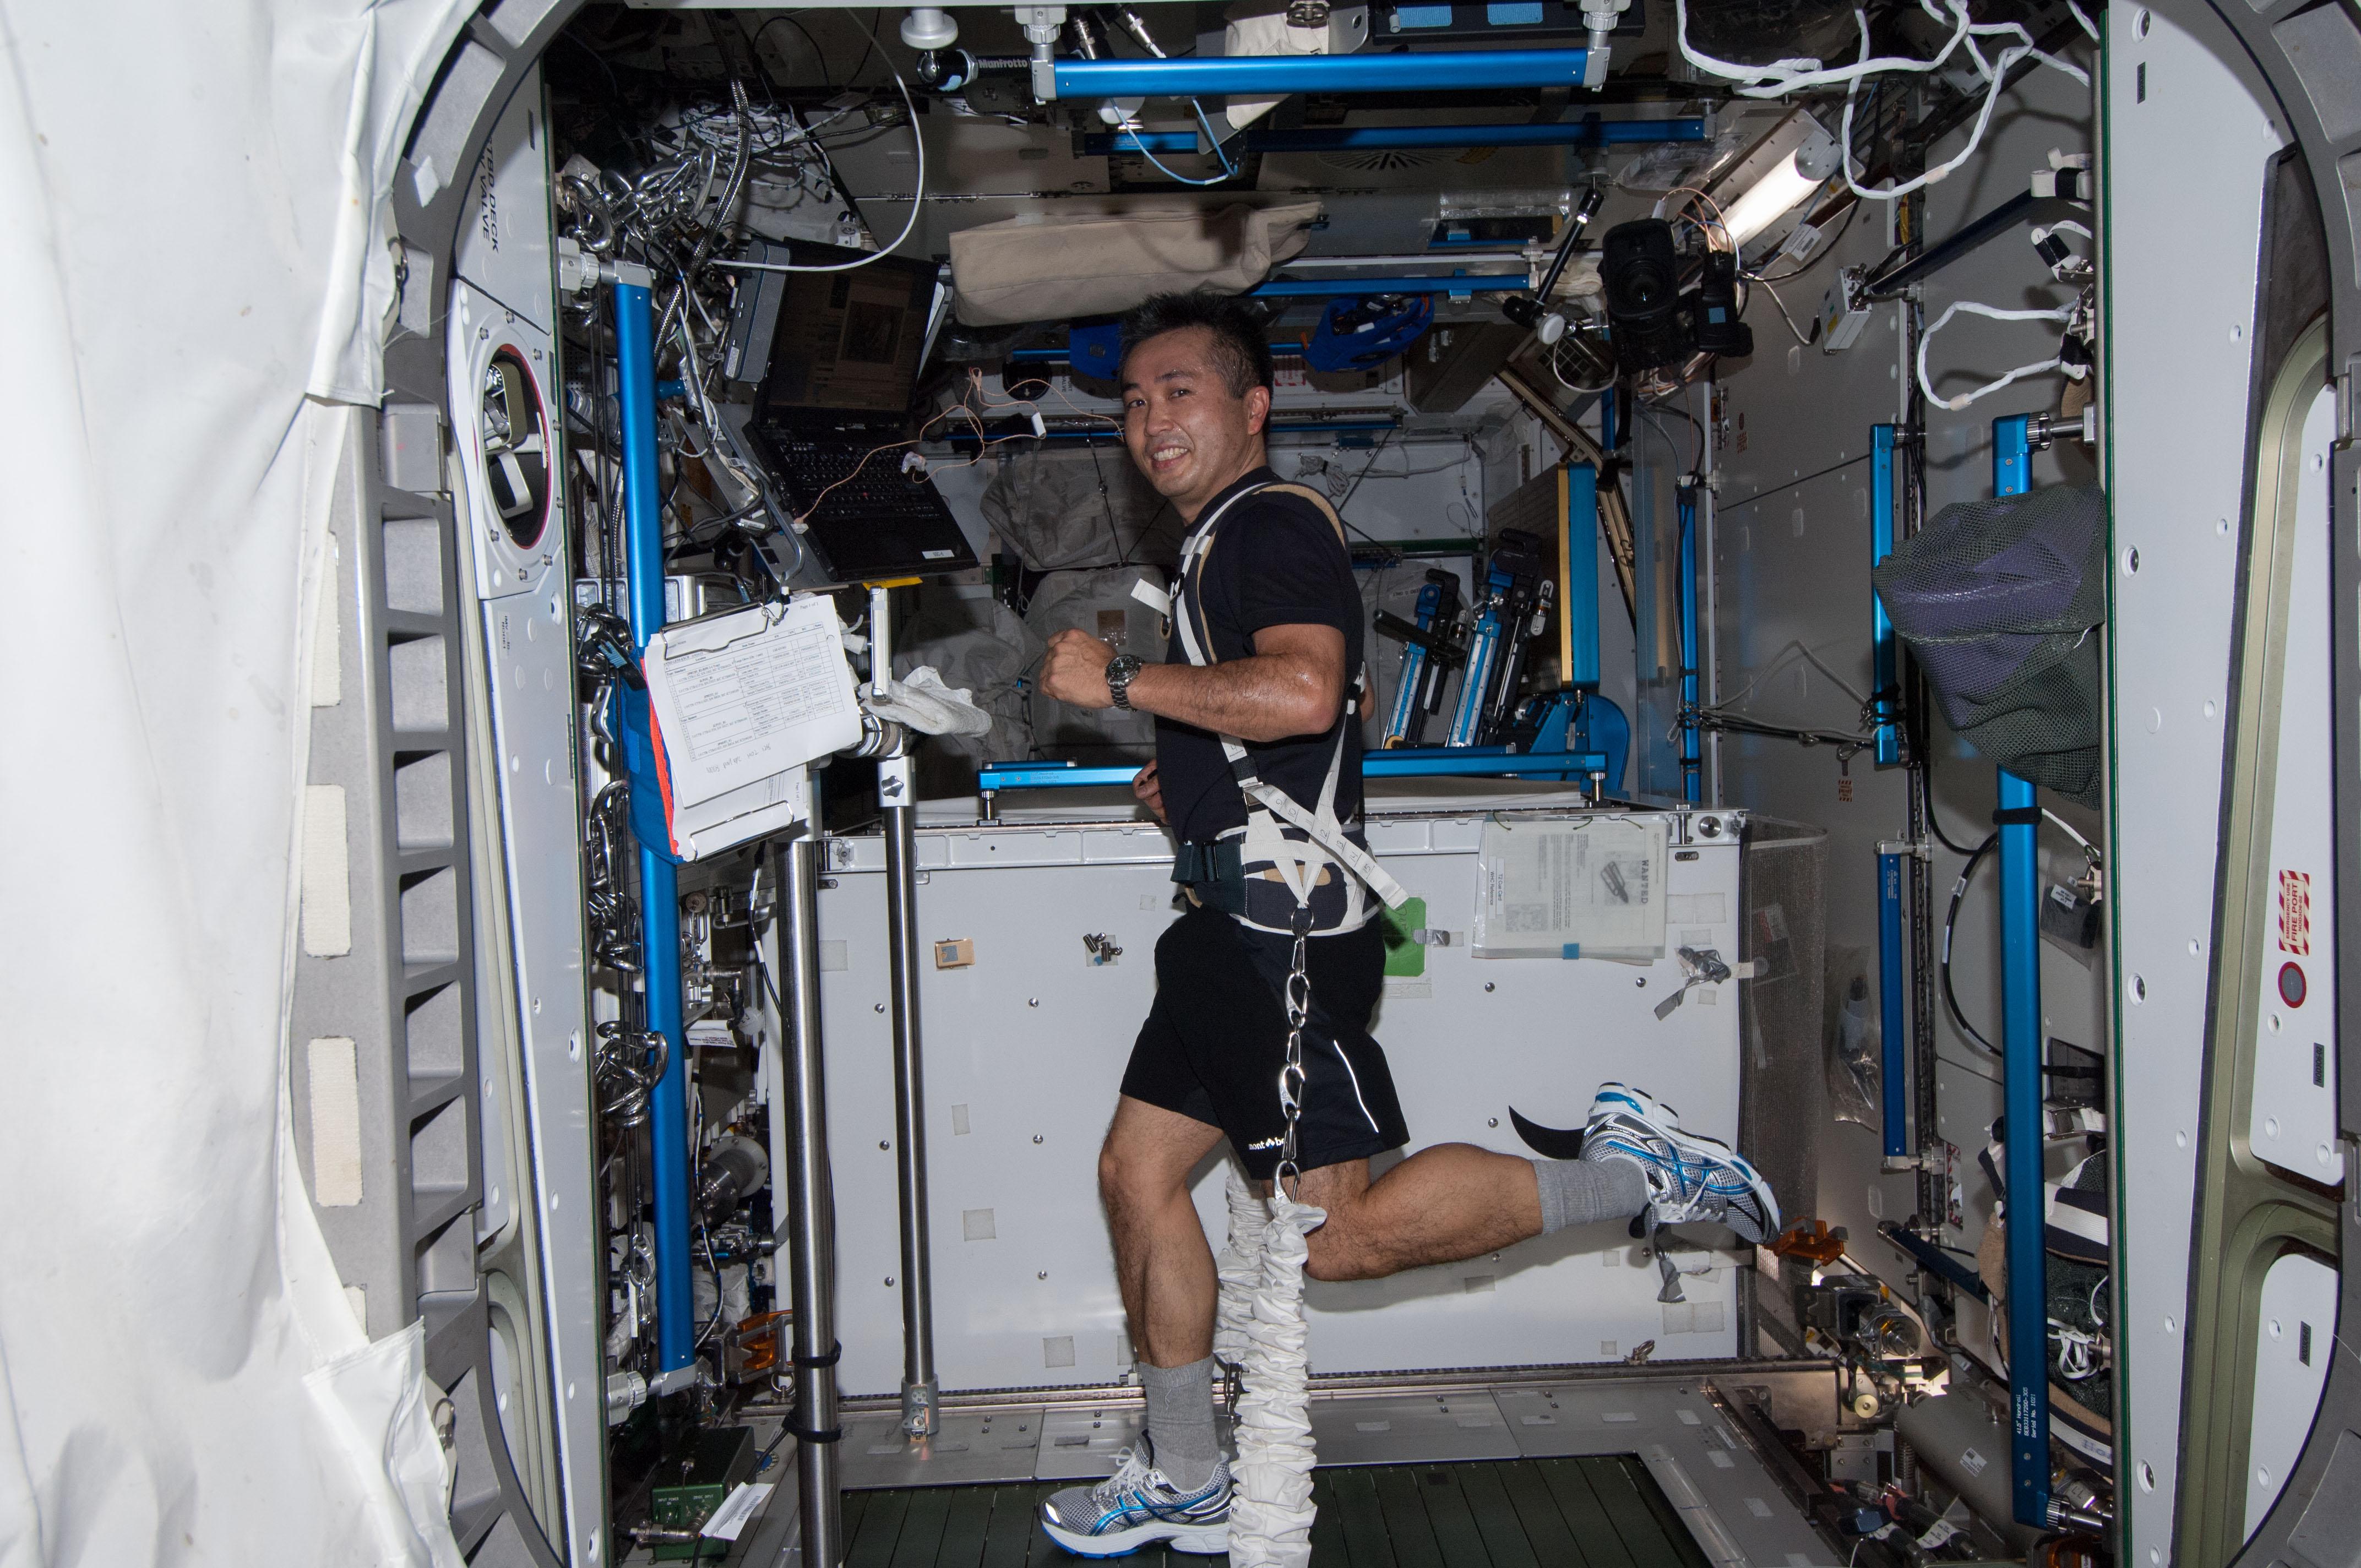 astronaut treadmill workout - photo #6